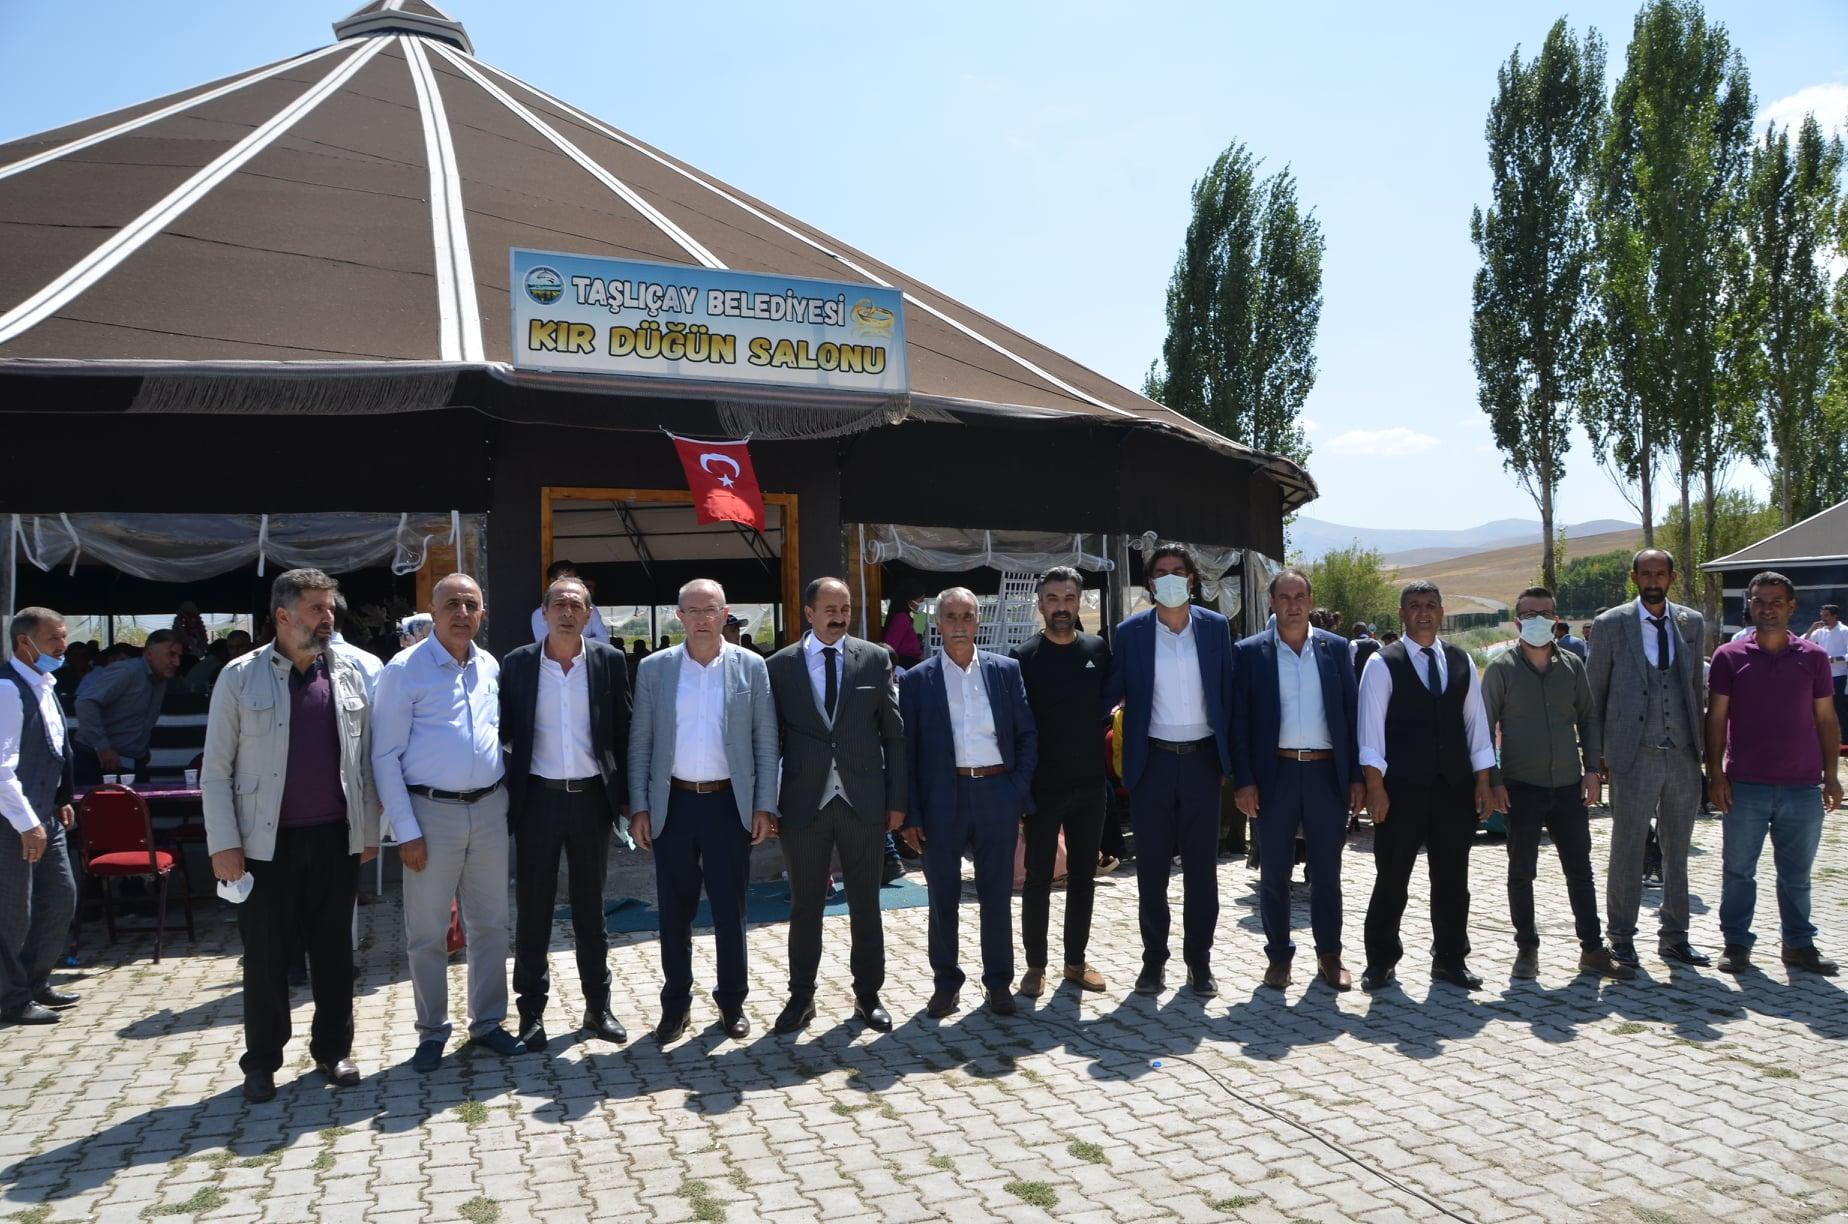 Bir Mehmetnuri Samancı ve Celal Samancı dahil 8 kişi, ayakta duran insanlar, açık hava ve şunu diyen bir yazı 'TAŞLIÇAY BELEDİYESİ 9 KIR KKR DÜĞÜN SALONU 95' görseli olabilir